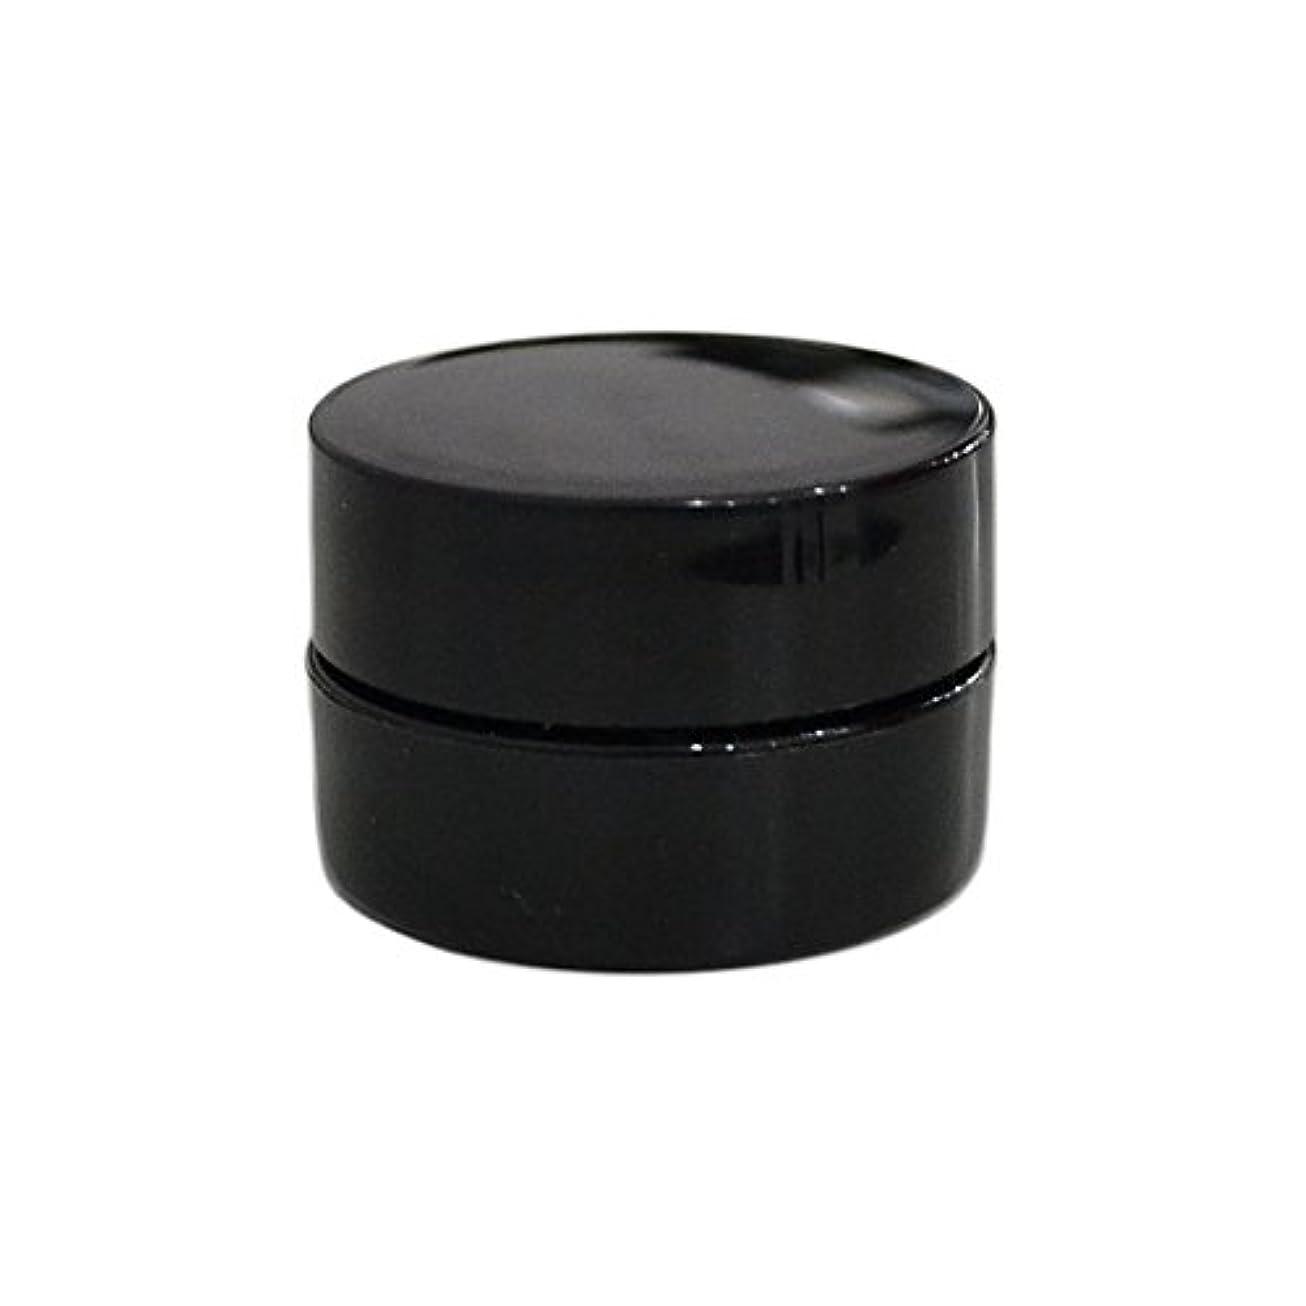 風刺動脈放送10個セット/純国産ネイルジェルコンテナ 3g用 GA3g 漏れ防止パッキン&ブラシプレート付容器 ジェルを無駄なく使える底面傾斜あり 遮光 黒 ブラック